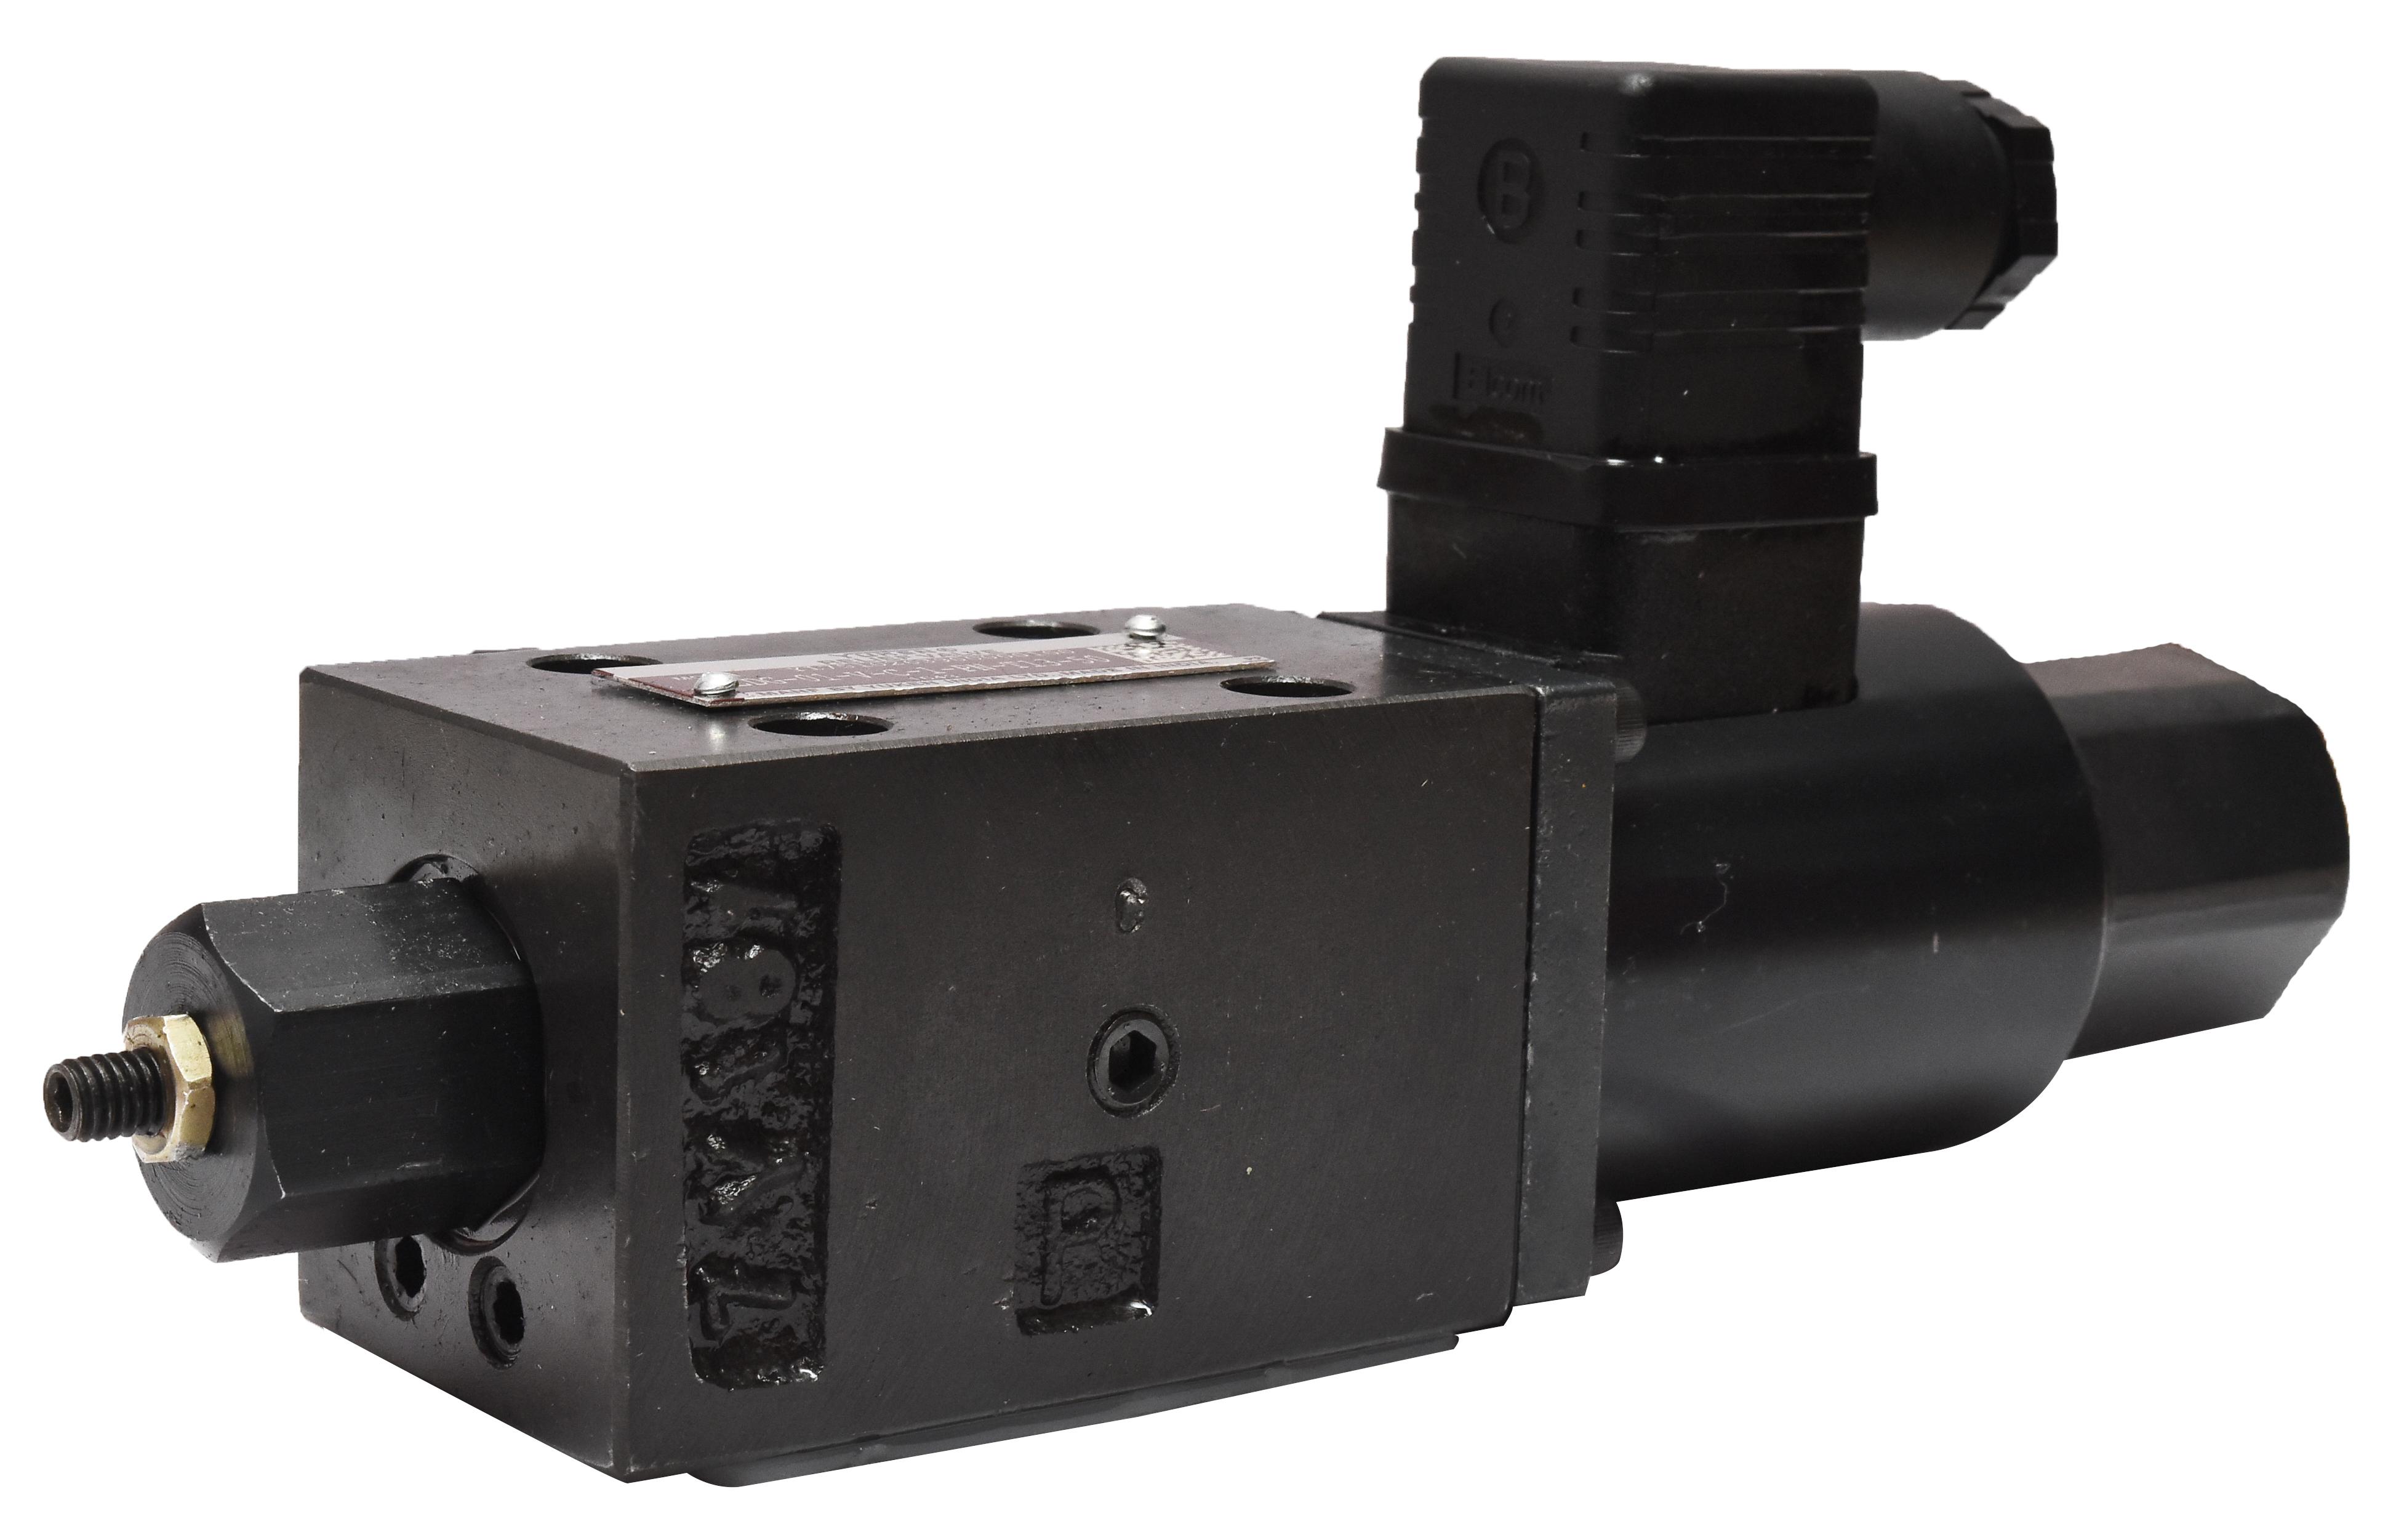 EDG-01-V-C-1-PN-T13-50 PROPORTIONAL VALVE